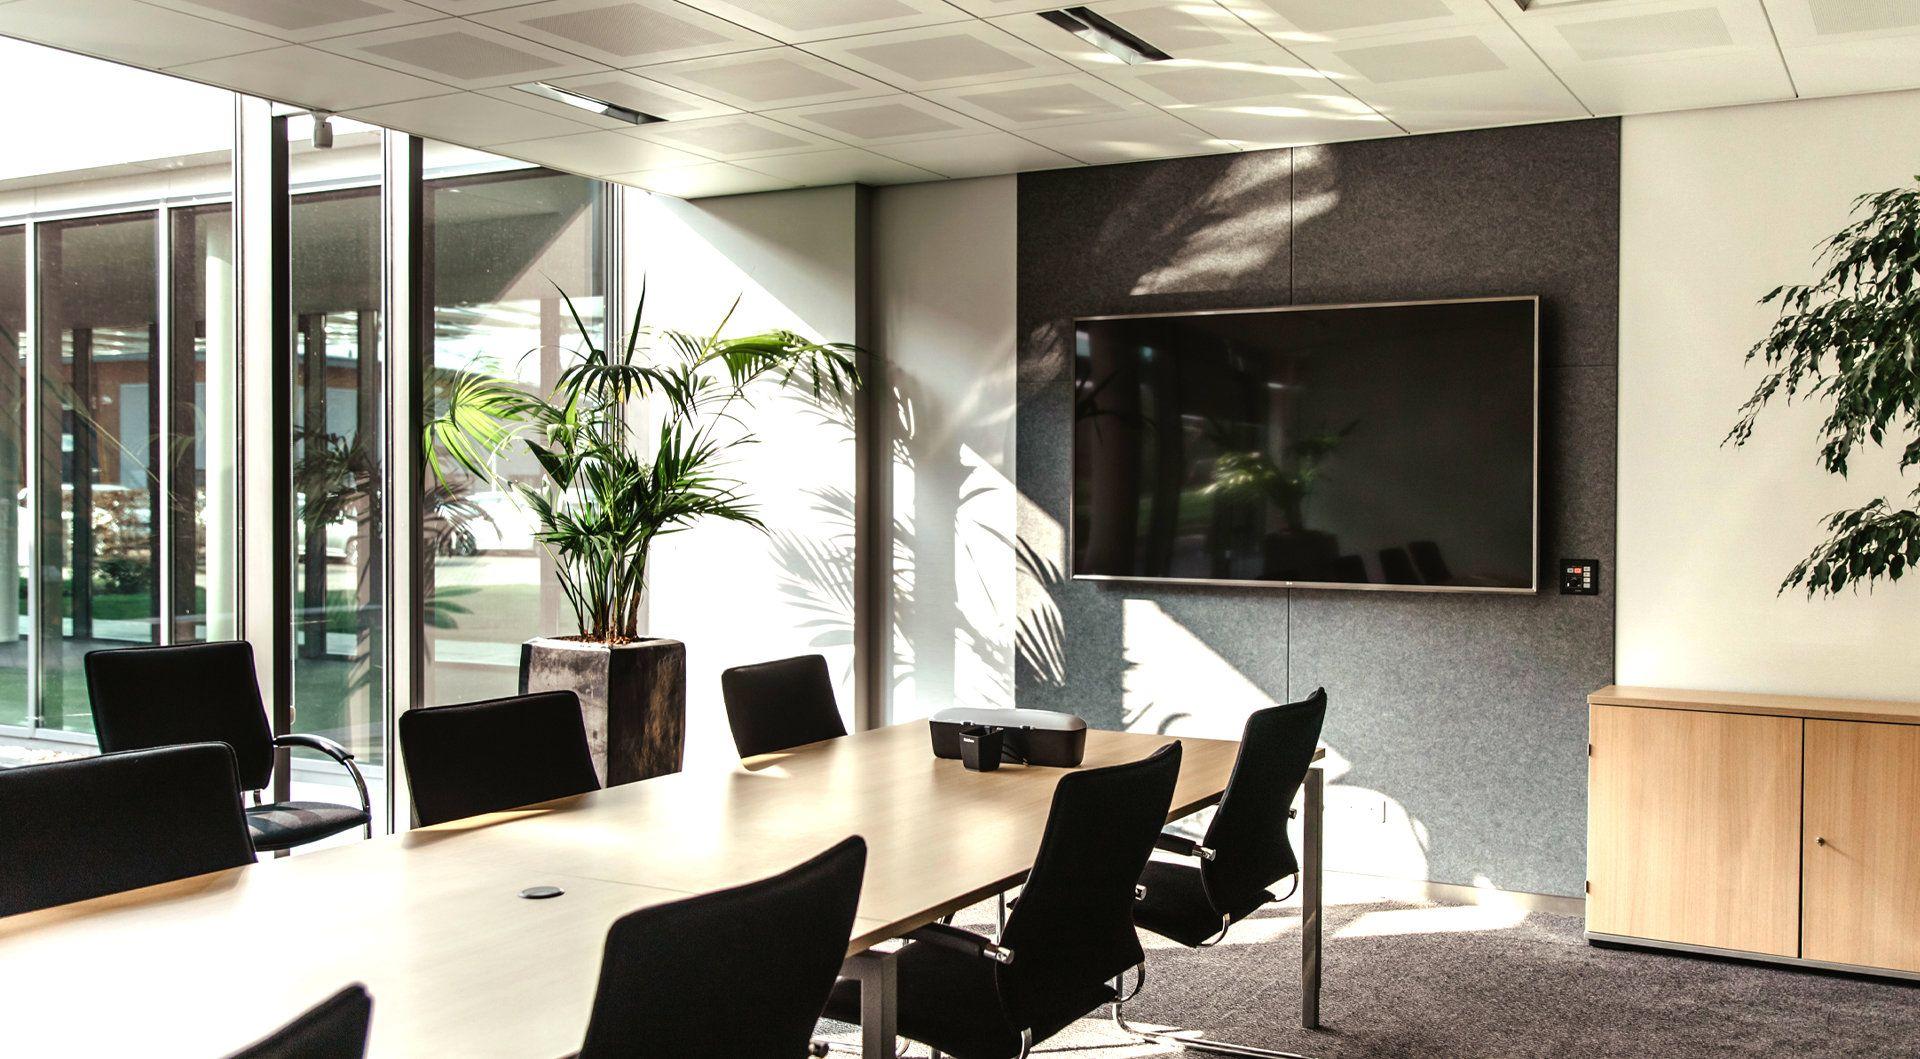 """Projecta Hapro CSR projectiescherm 2,24 m (88"""") 16:10 - Case studie de vries"""